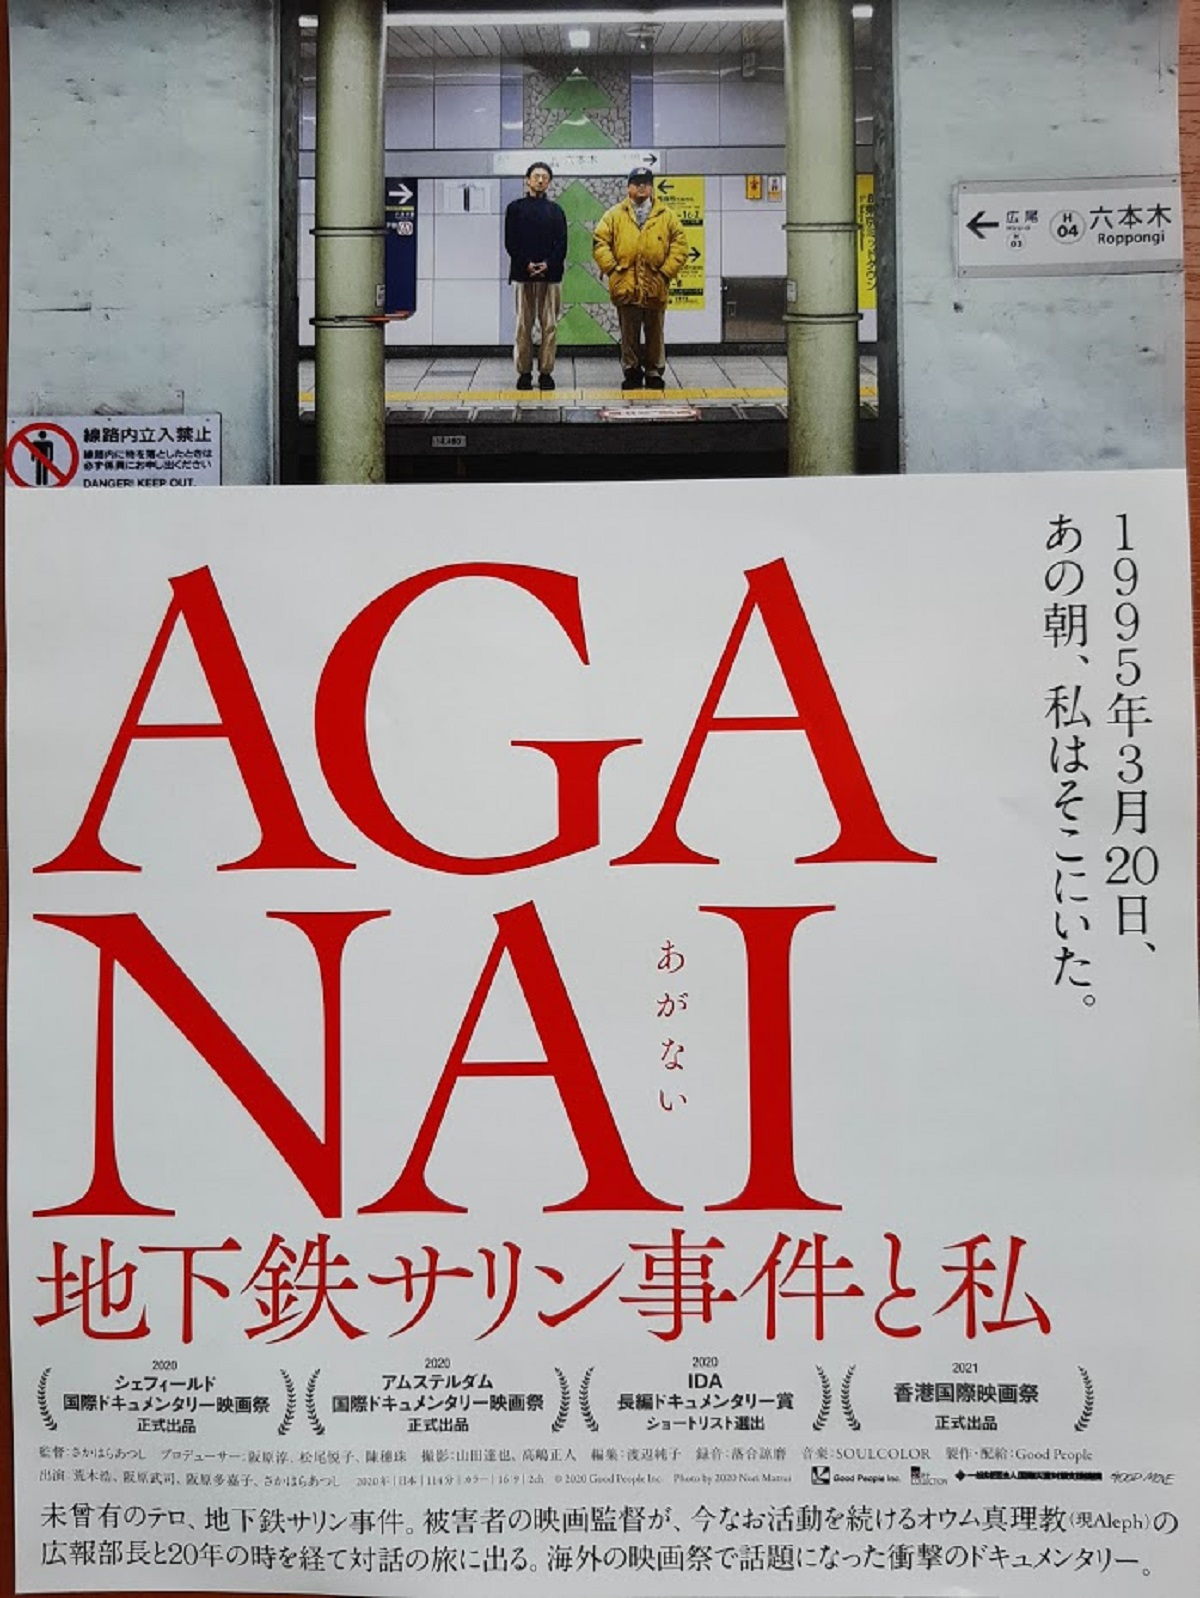 映画『AGANAI』のポスター